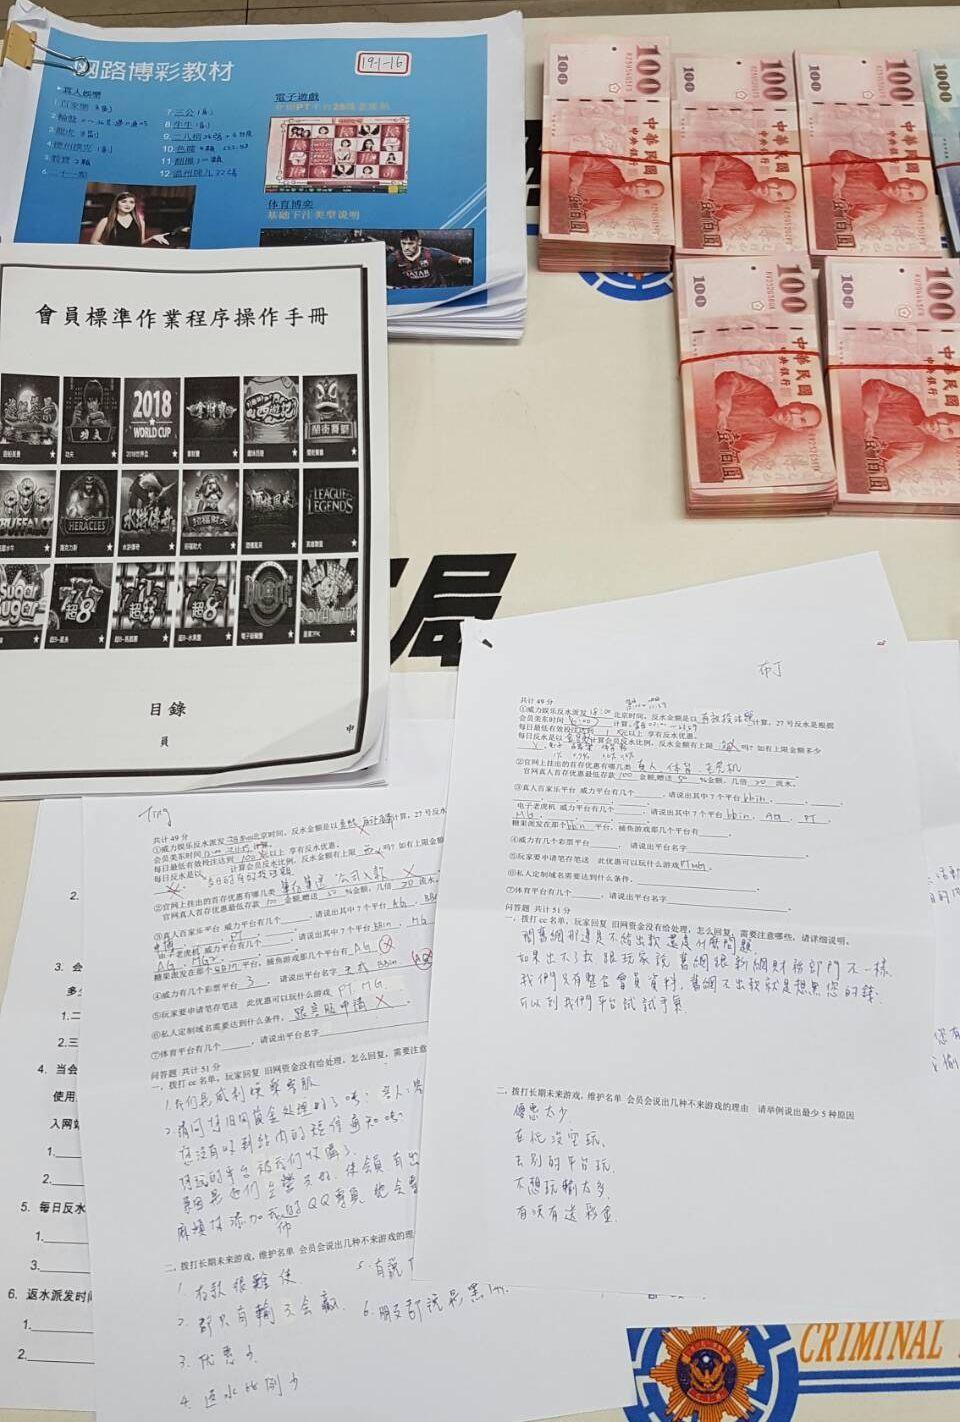 王姓男子涉嫌經營兩個賭博網站系列,透過人力銀行網站招募員工,應徵客服人員必須熟讀...